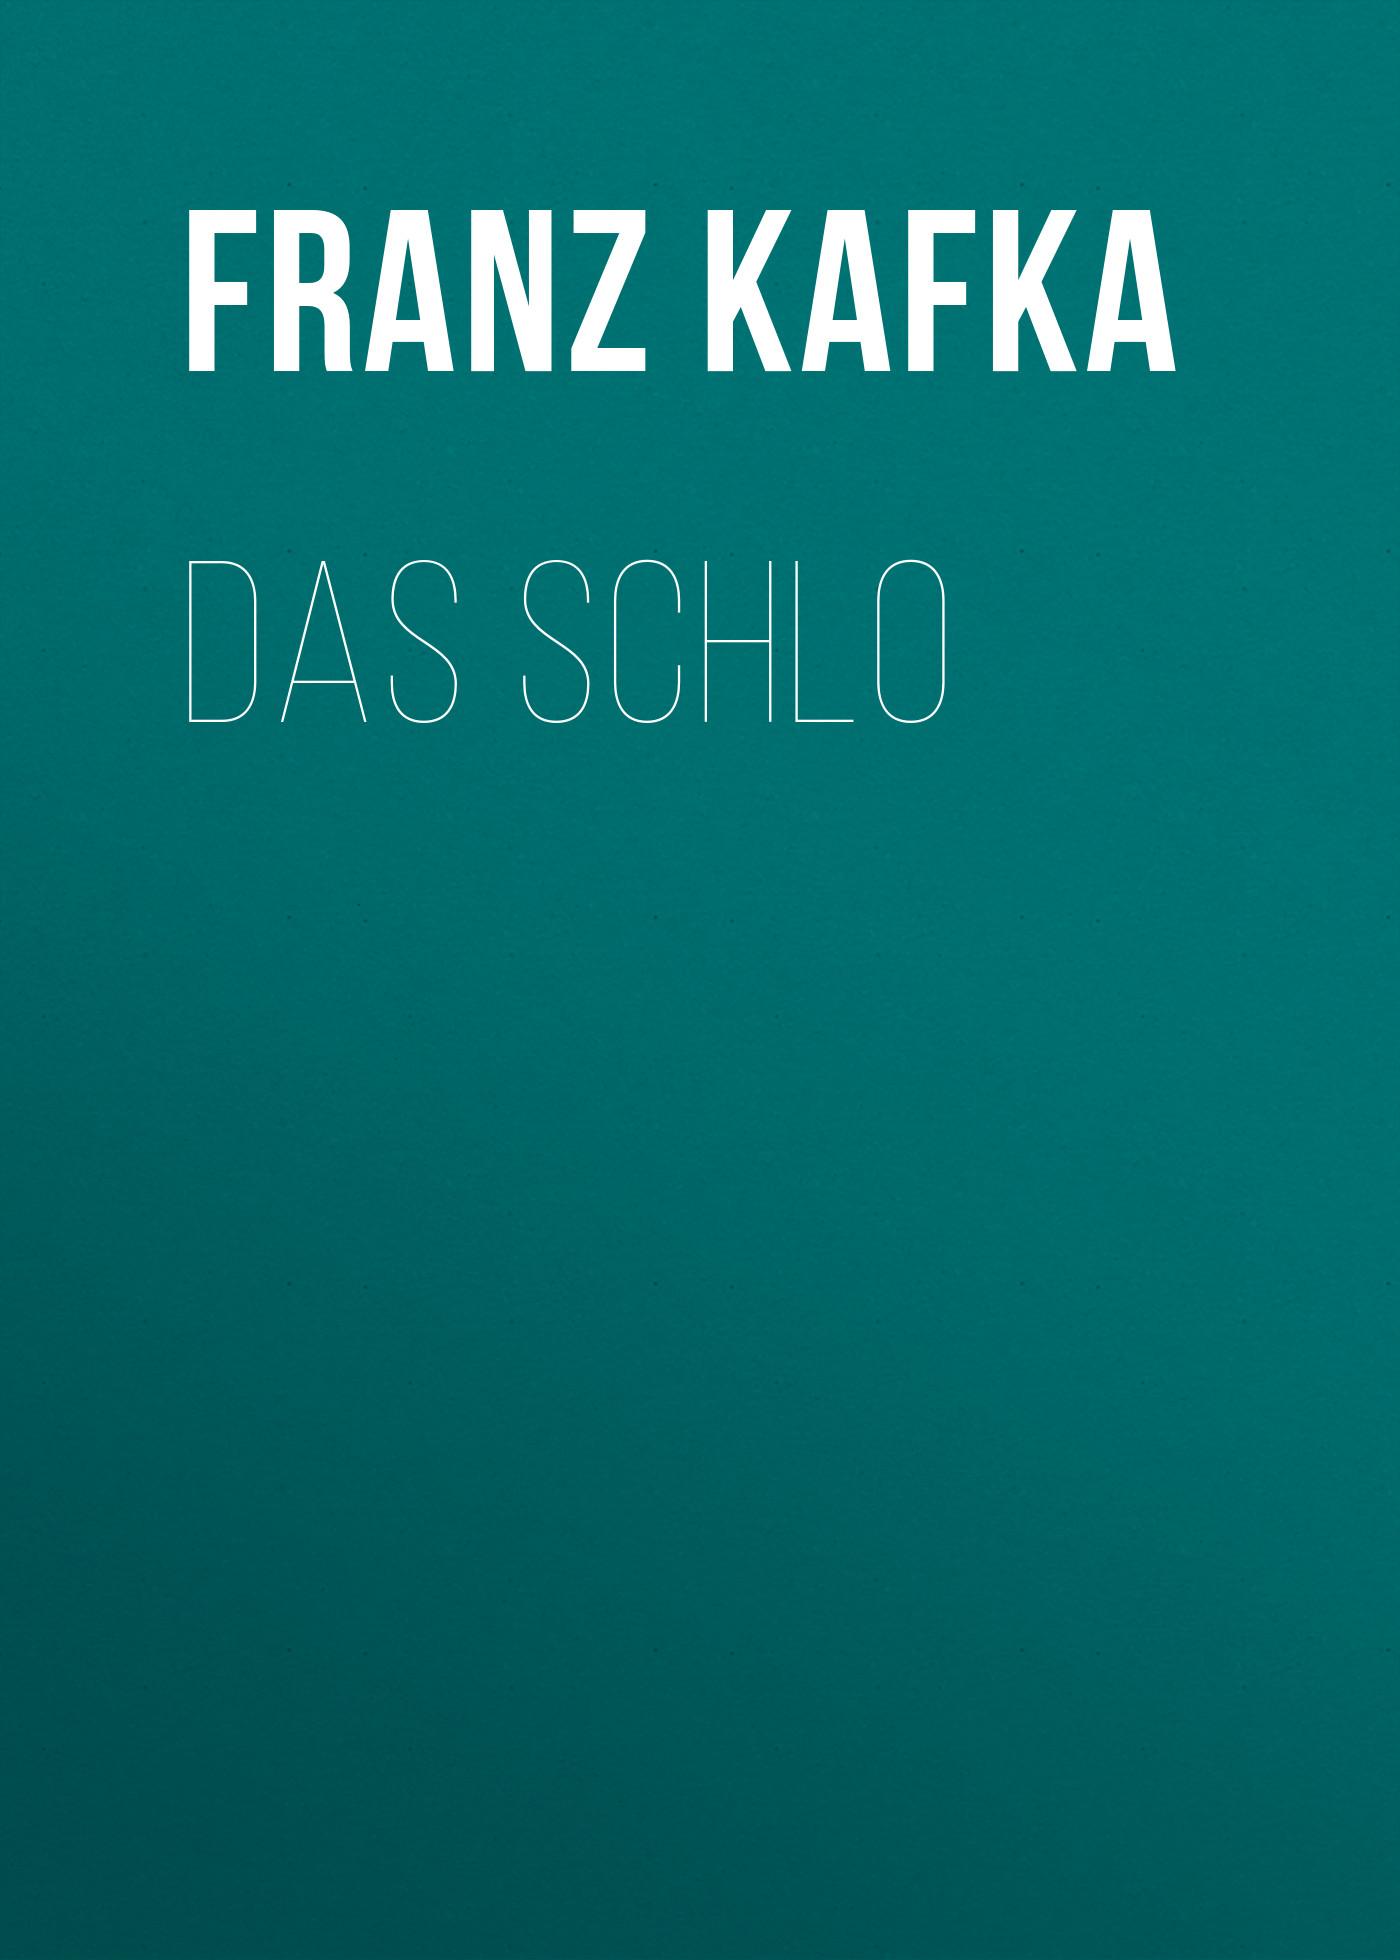 лучшая цена Франц Кафка Das Schlo